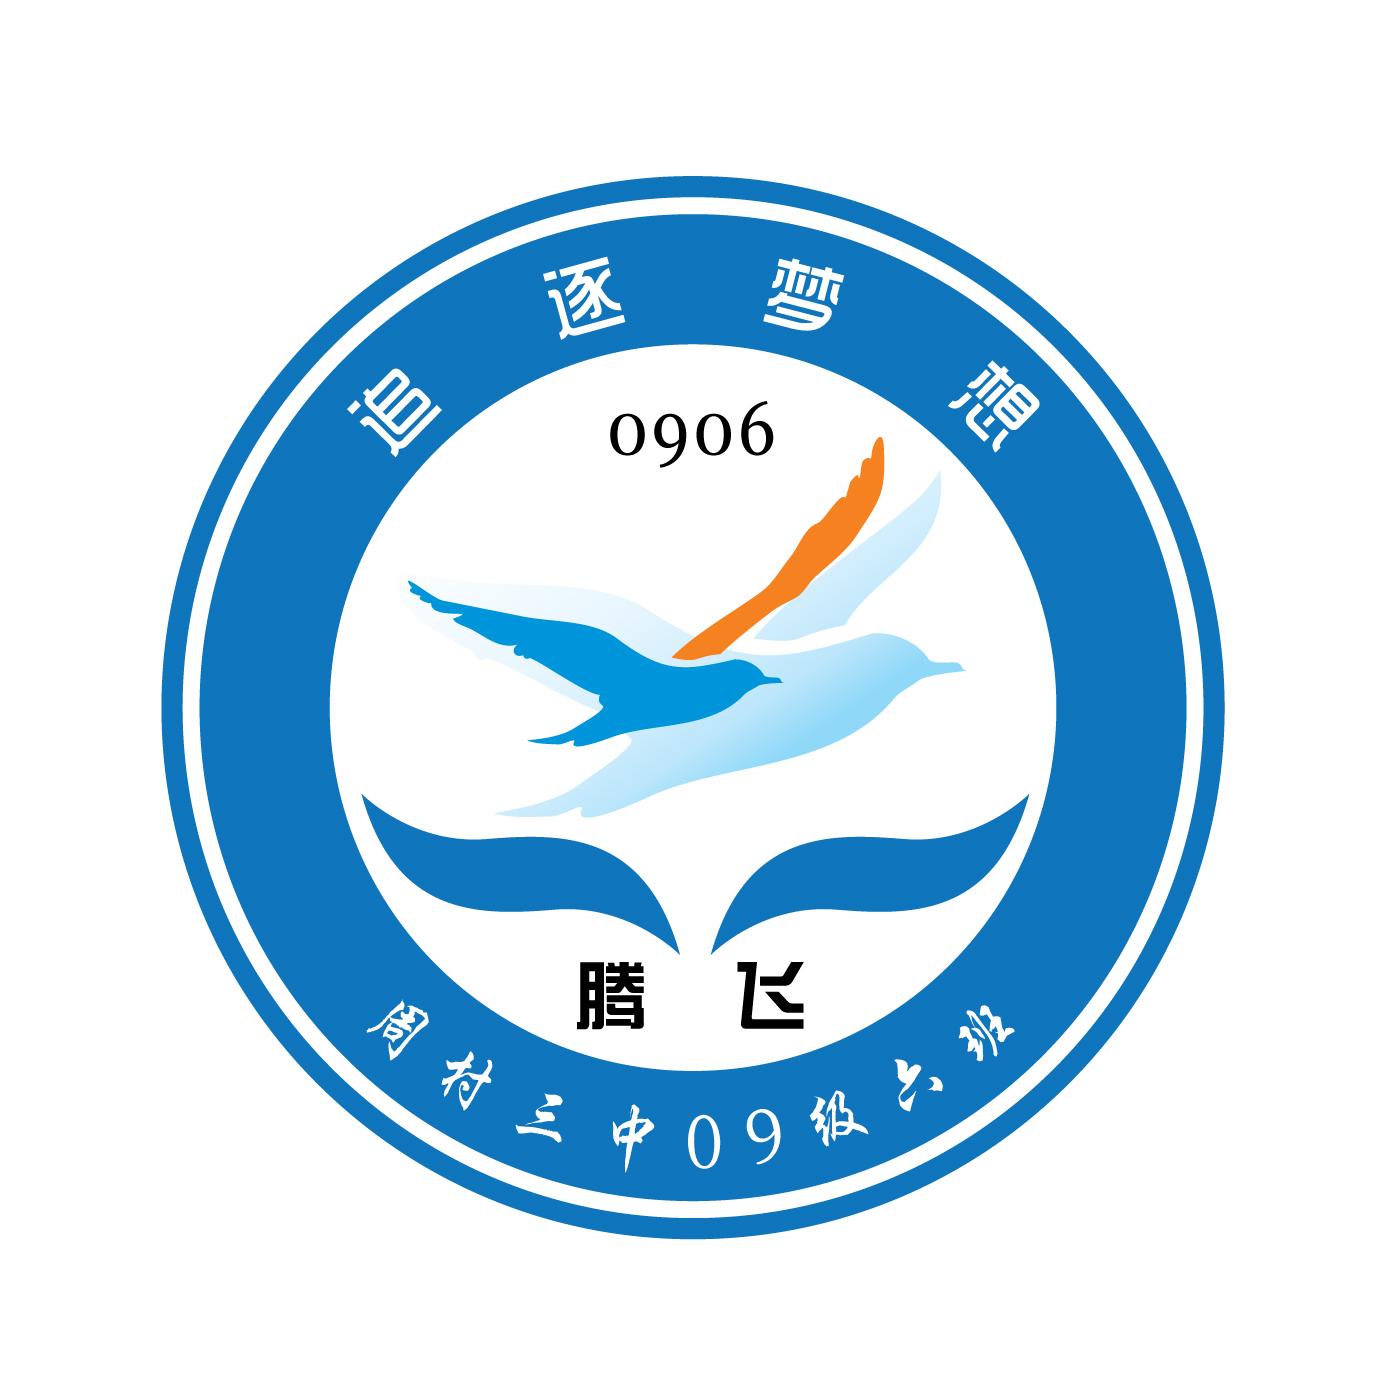 初中手绘圆形班徽